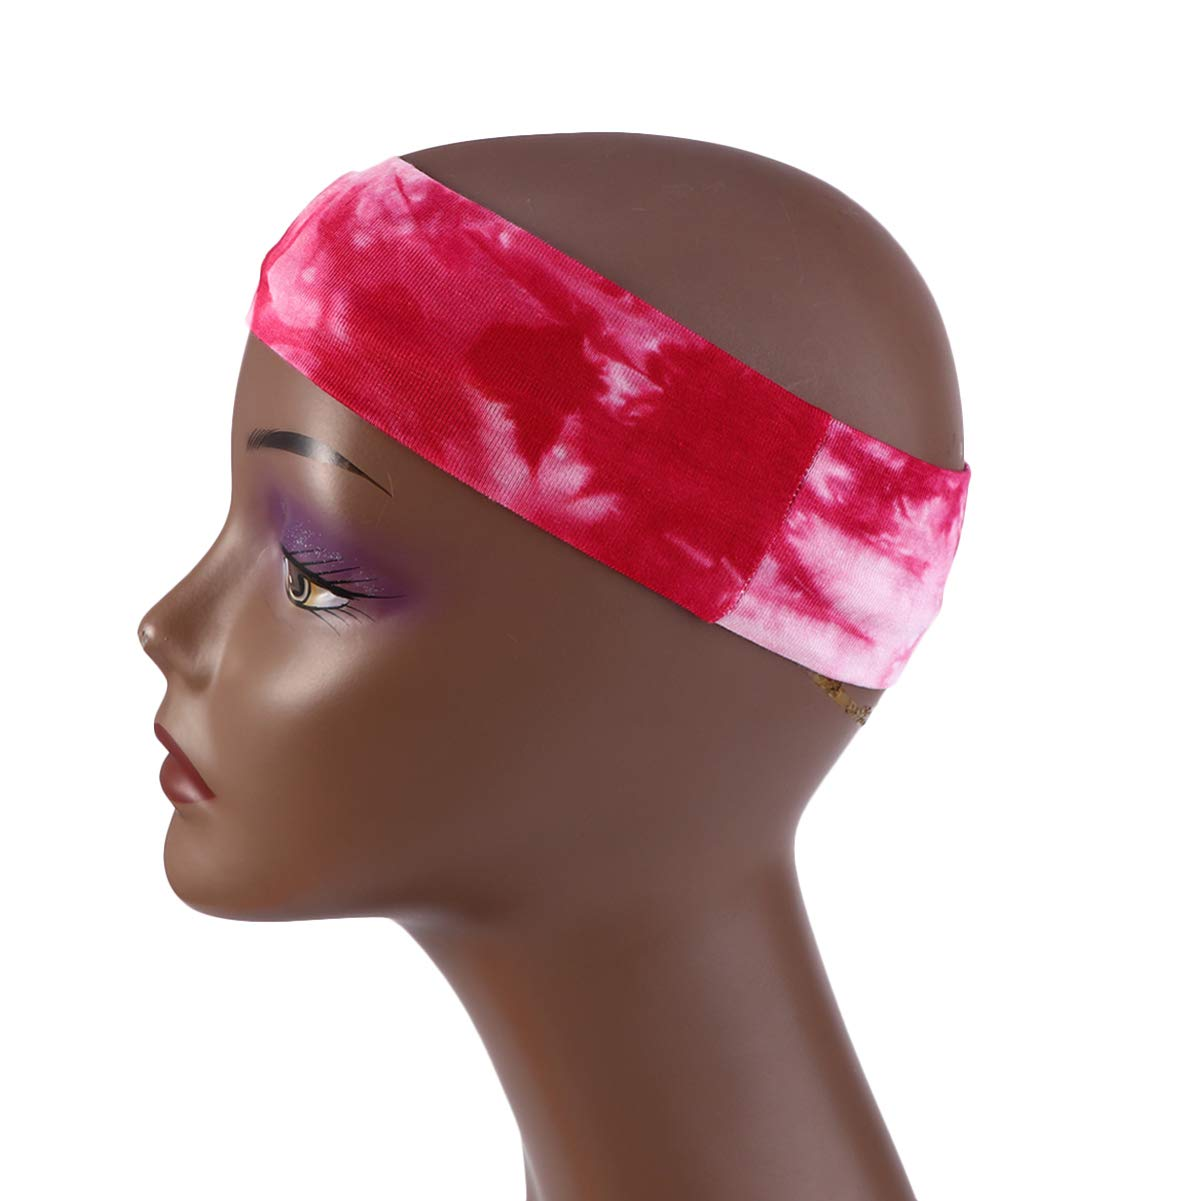 PIXNOR 3 St/ücke Elastische Stirnband Yoga Sport Kopfband Make Up Haarband OP Arzt Haube Gesichtsschutz mit Knopf Kopfbedeckung Outdoor Bandana Radfahren Turban Kopftuch